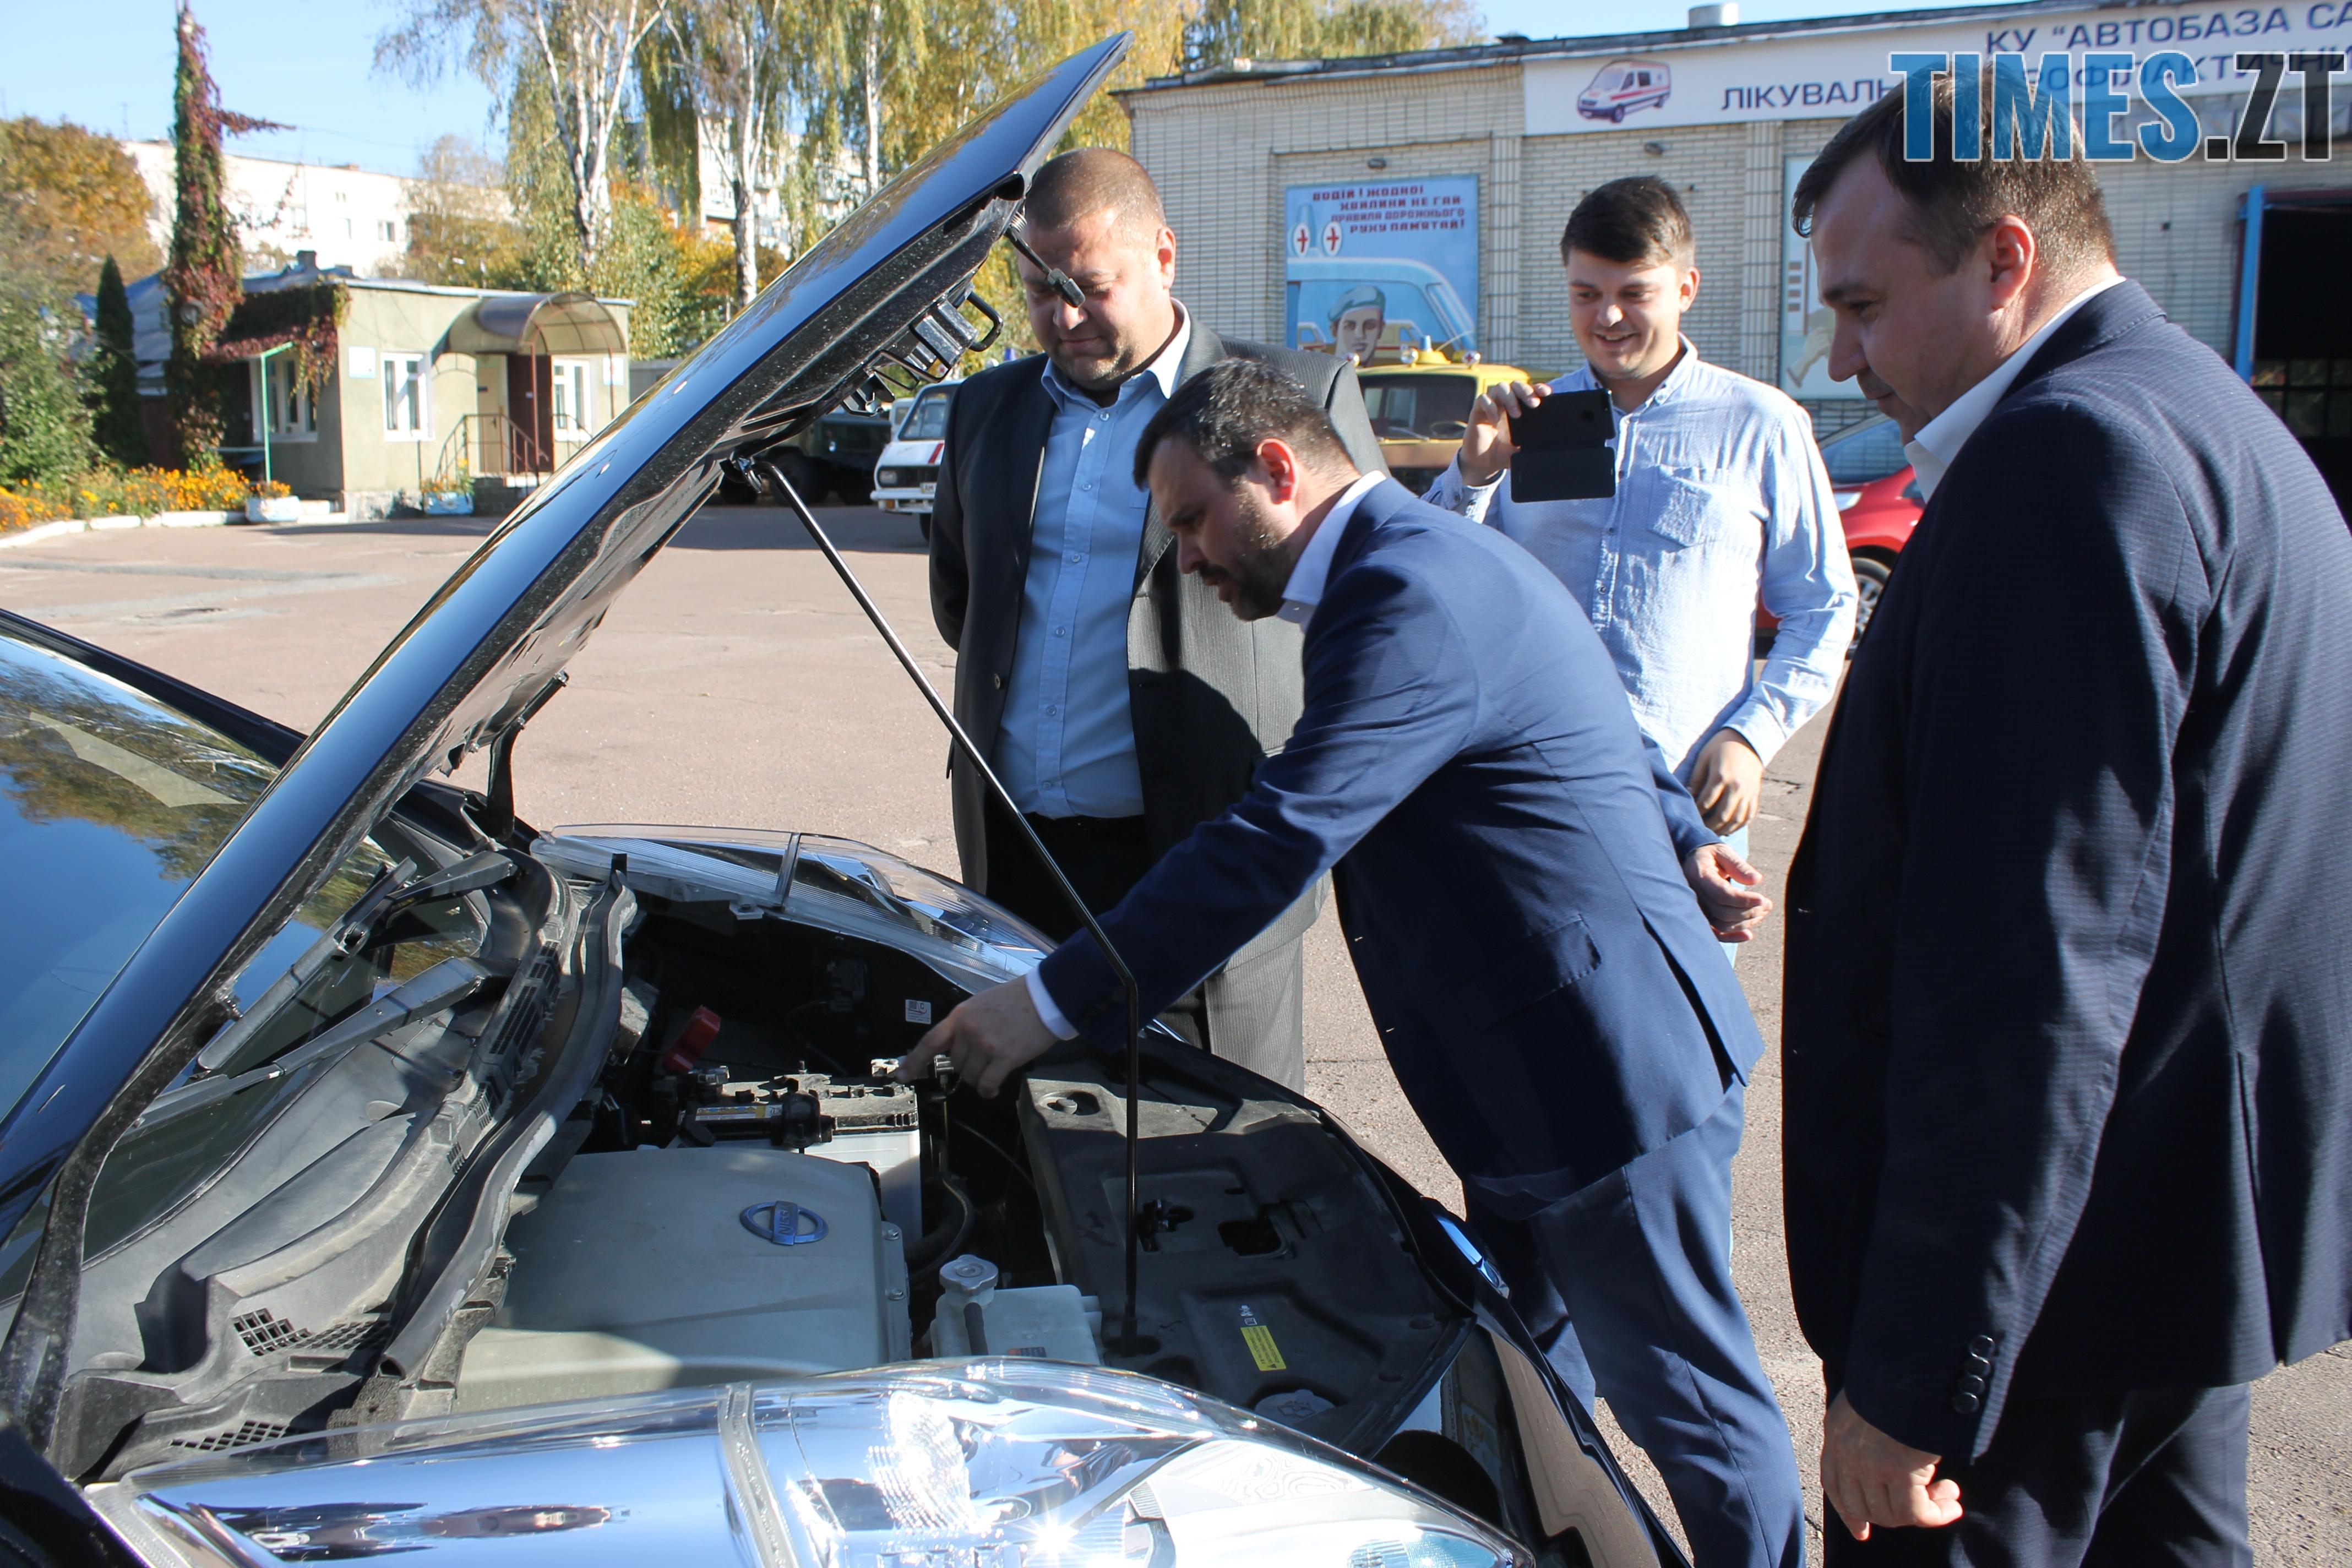 IMG 9214 - У Житомирі показали медичні електрокари, які вже за декілька днів будуть їздити містом